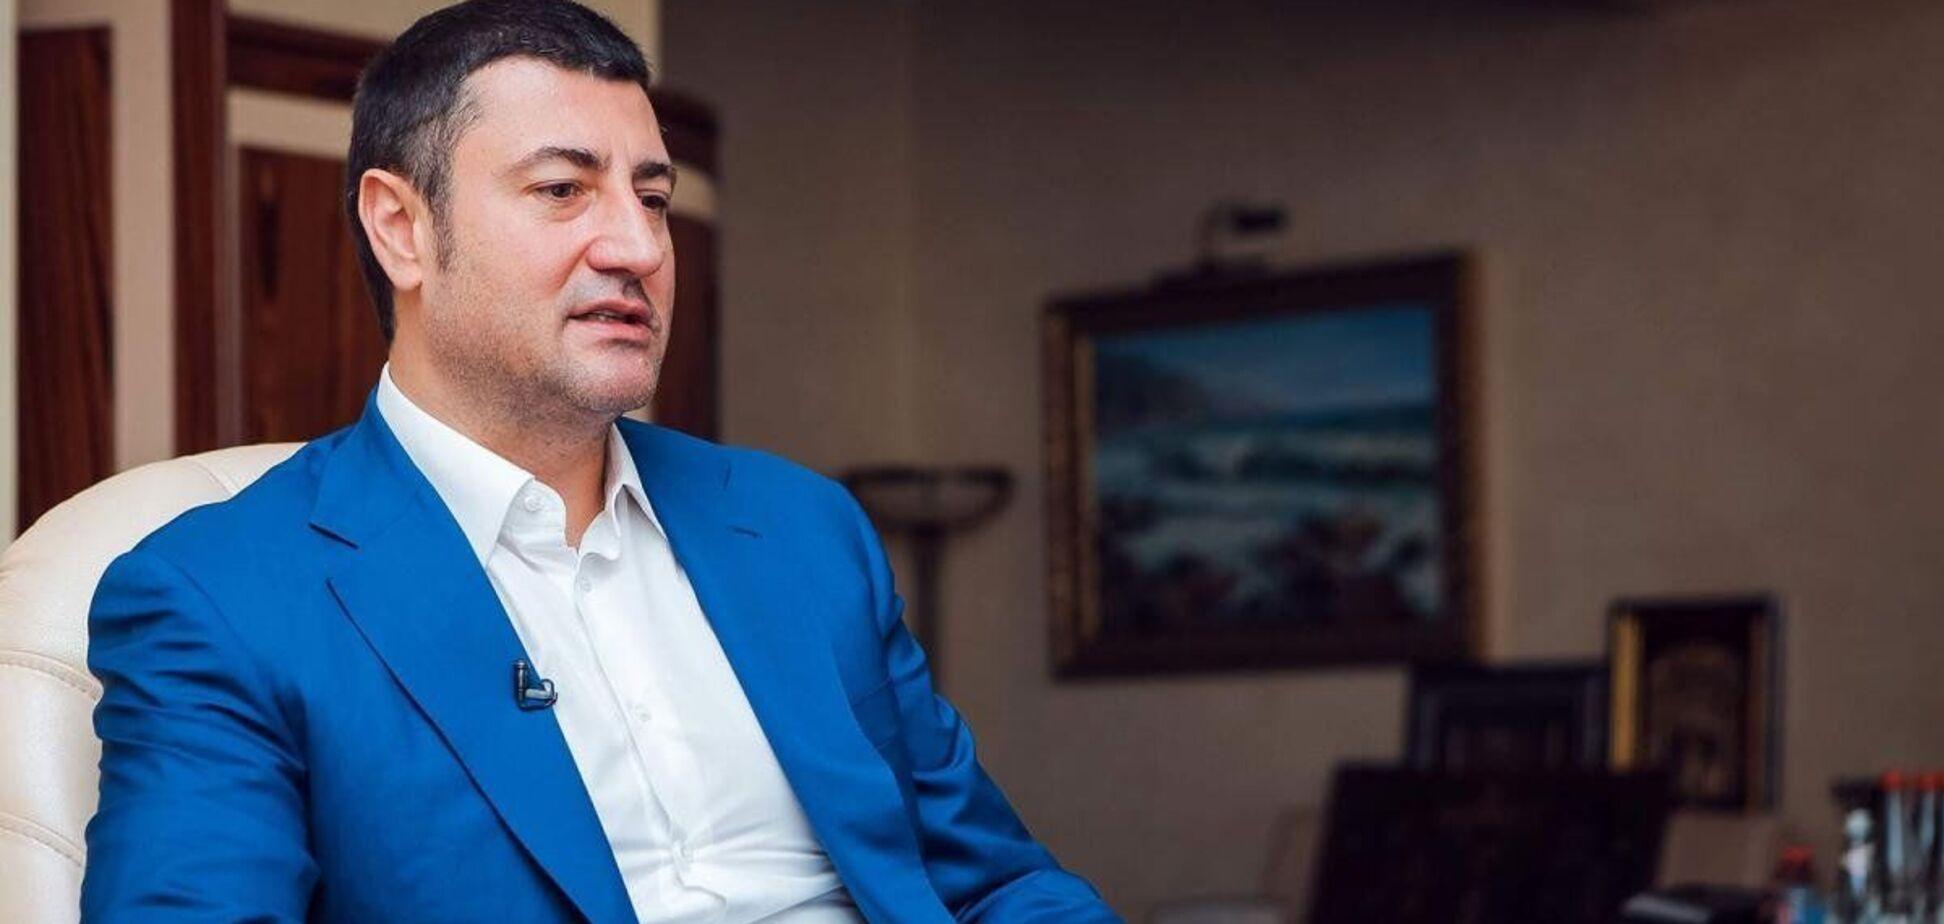 Олег Бахматюк рассказал, что мировой экономический кризис приводит к убыточности украинских производителей продукции животноводства